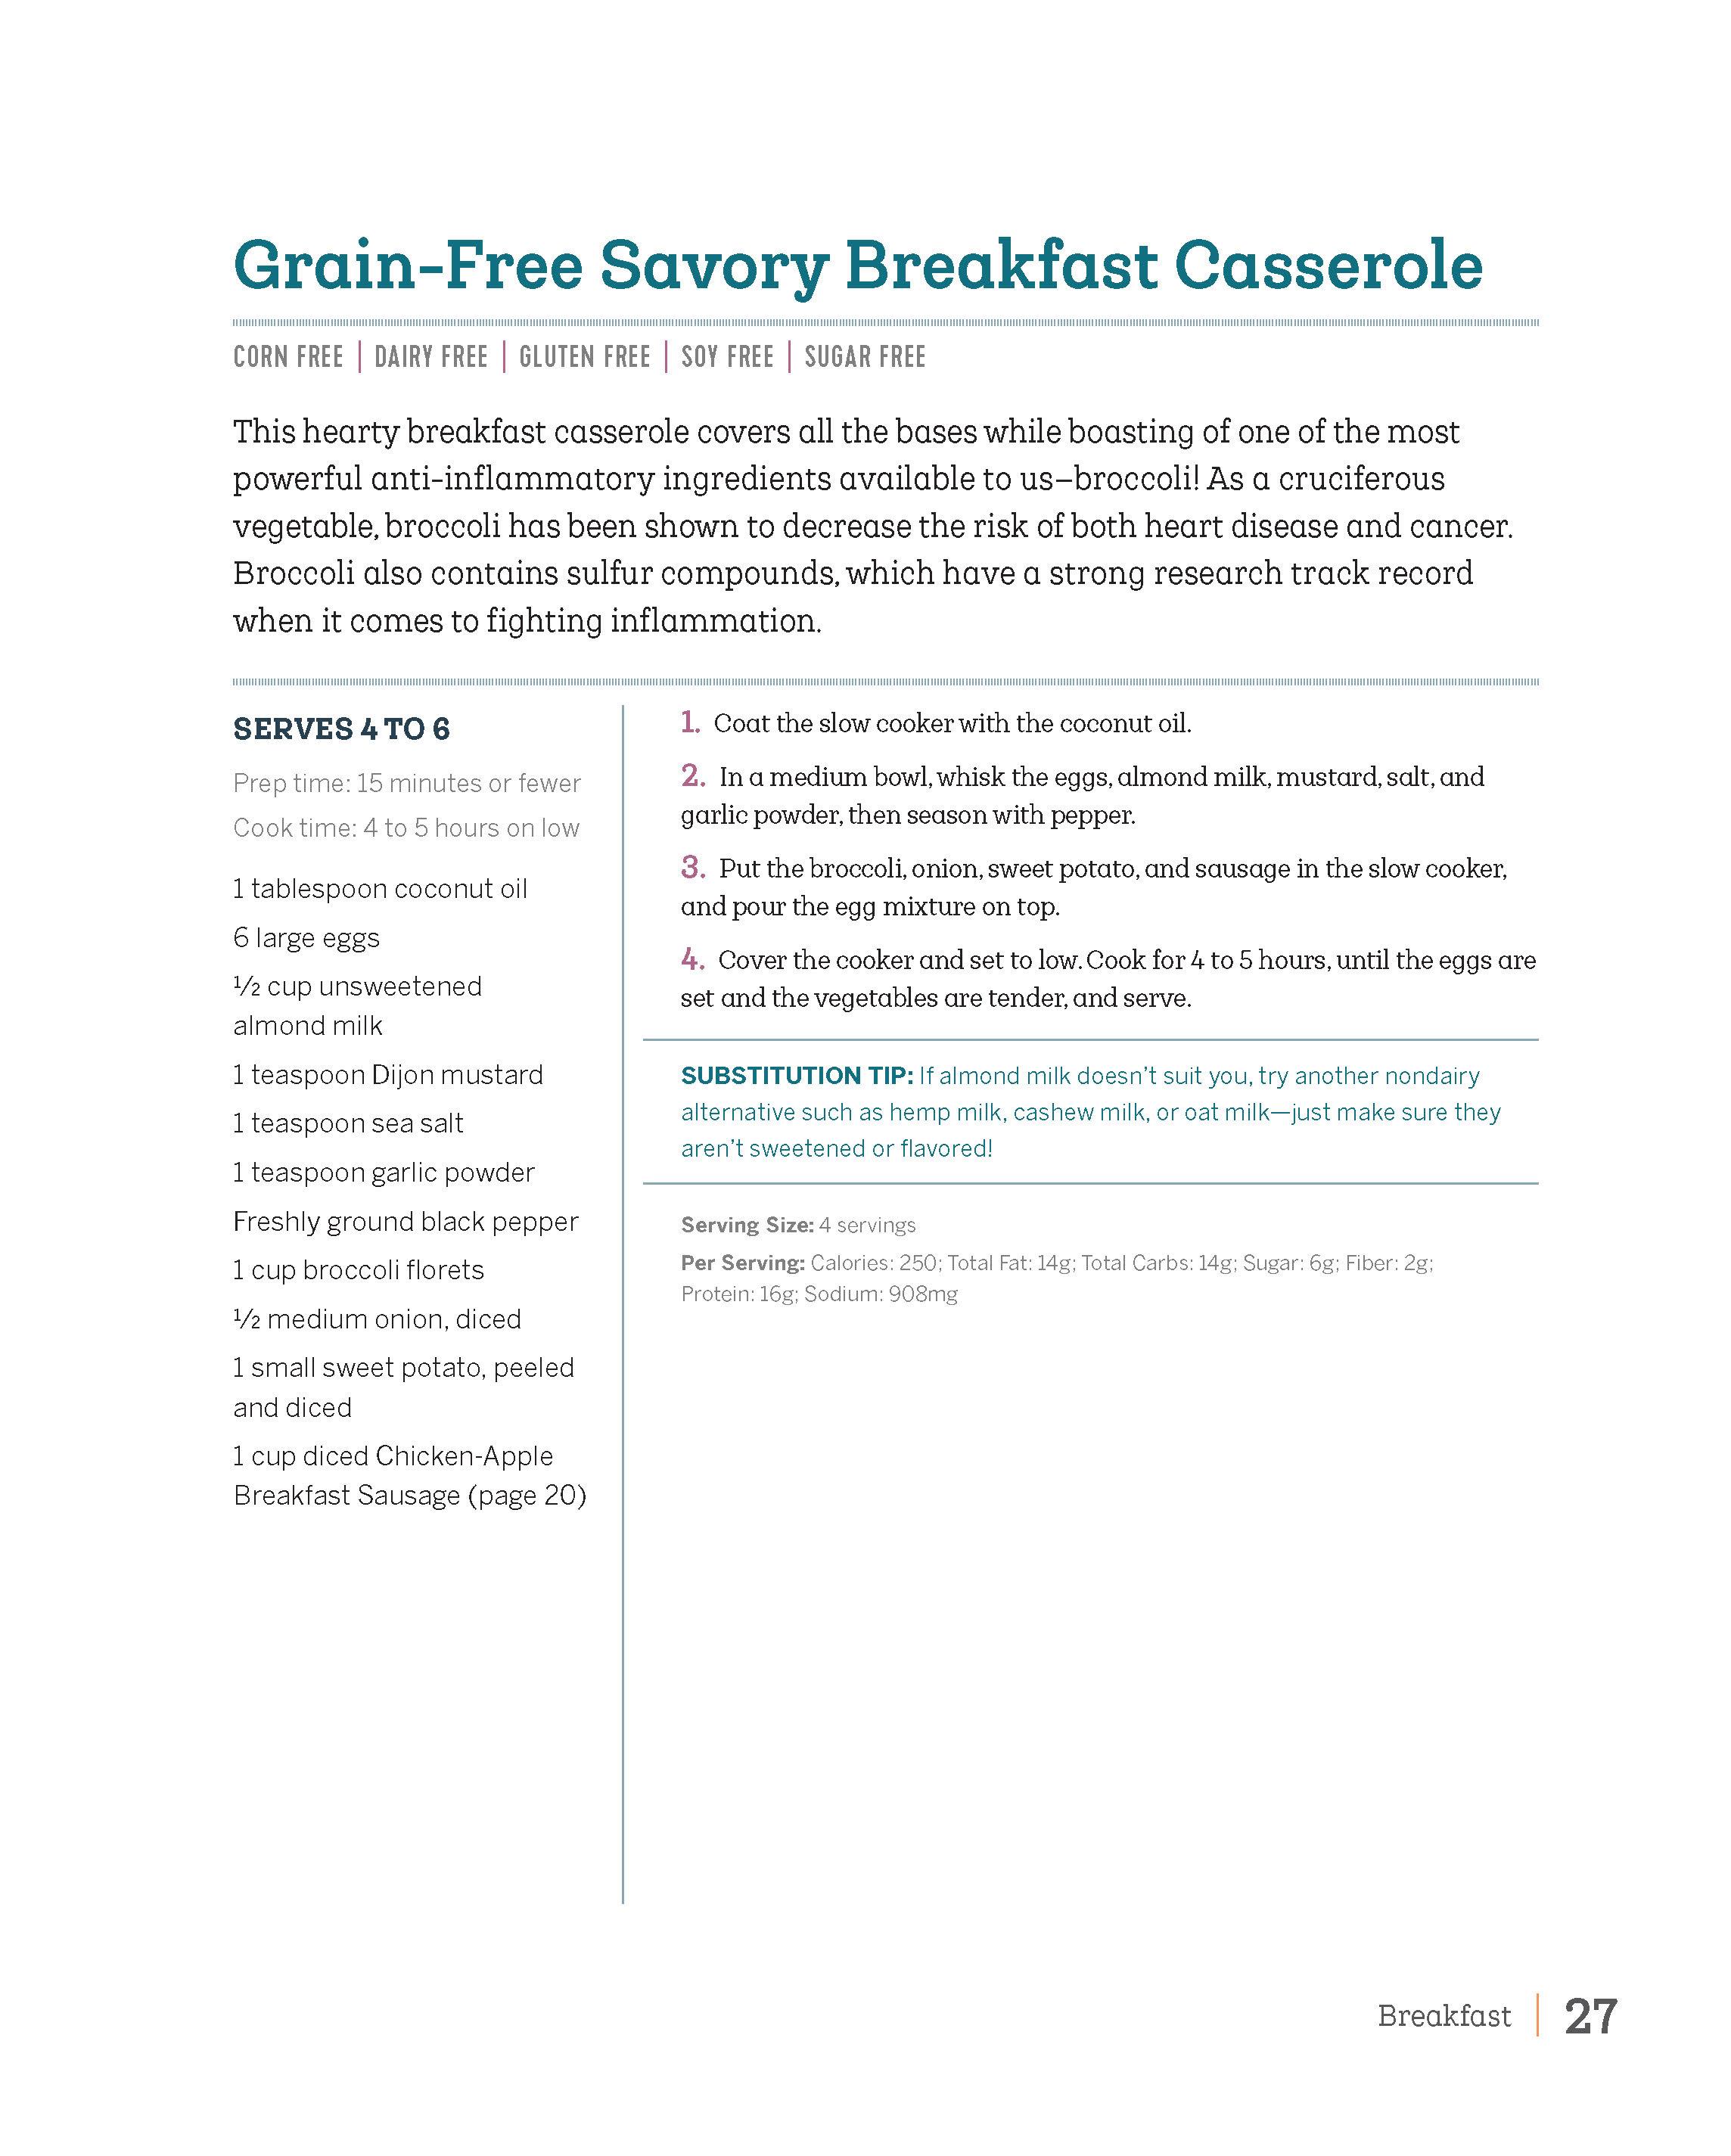 Savory Breakfast Casserole.jpg